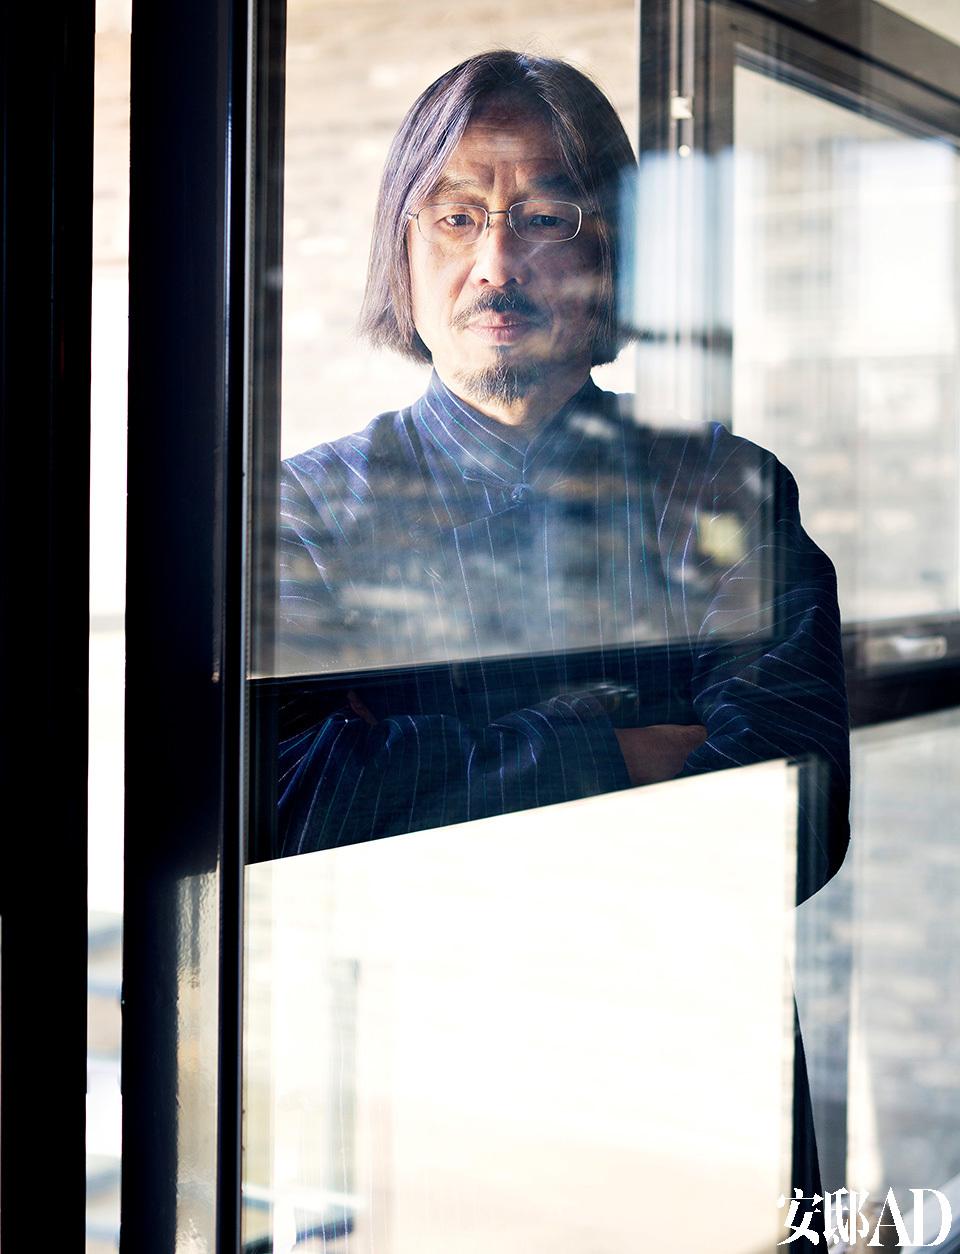 """主人: 黄锐,艺术家,中国当代艺术发展进程中不可忽视的人物。他在1979年发起的""""星星美展""""标志着中国当代艺术的发端。1984年,他东渡日 本,并开始了近20年的旅居生活。2002年,回到北京一年的黄锐搬入大山子798厂区。从引入第一家国际画廊到开办大山子艺术节,他提出了将文物为文化艺术所用、以文化保护文物的概念,保住了拆迁风波中的798艺 术区。而他将自己的家从798搬出来,在一片空地上建起了这个院子,一砖一板都有着各自的讲究。"""